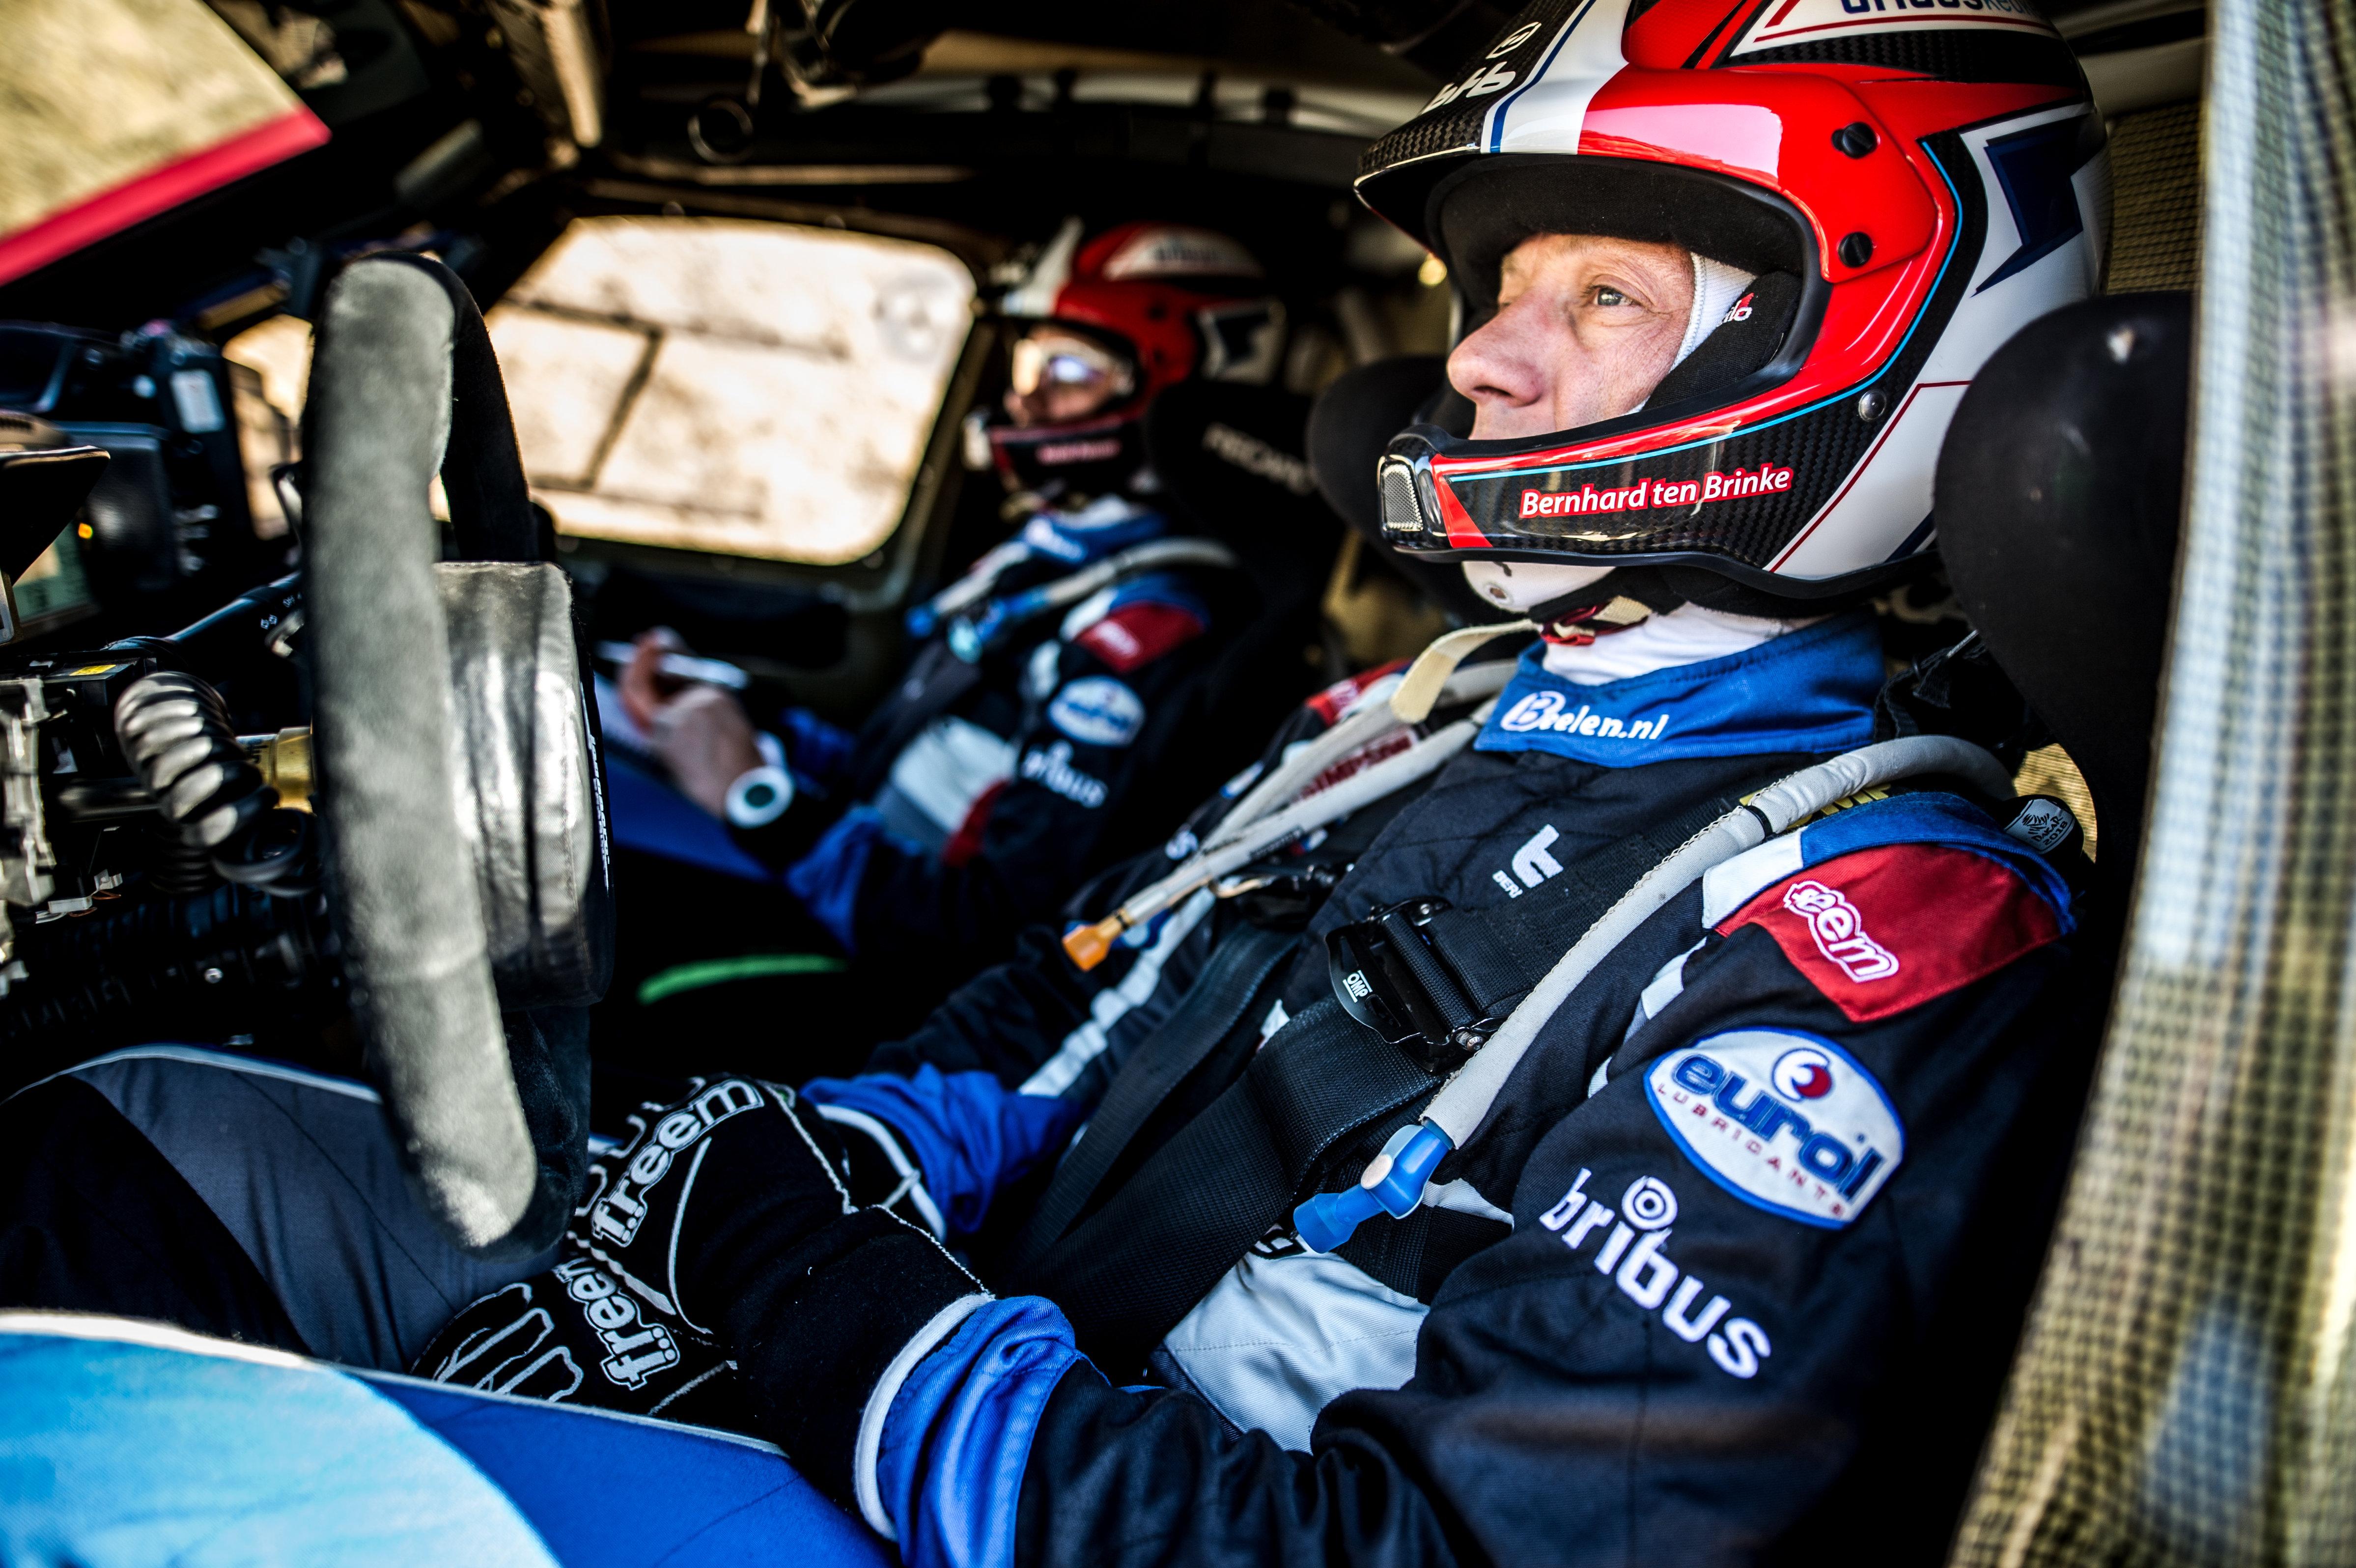 Bernhard ten Brinke na geslaagde test klaar voor Dakar 2019